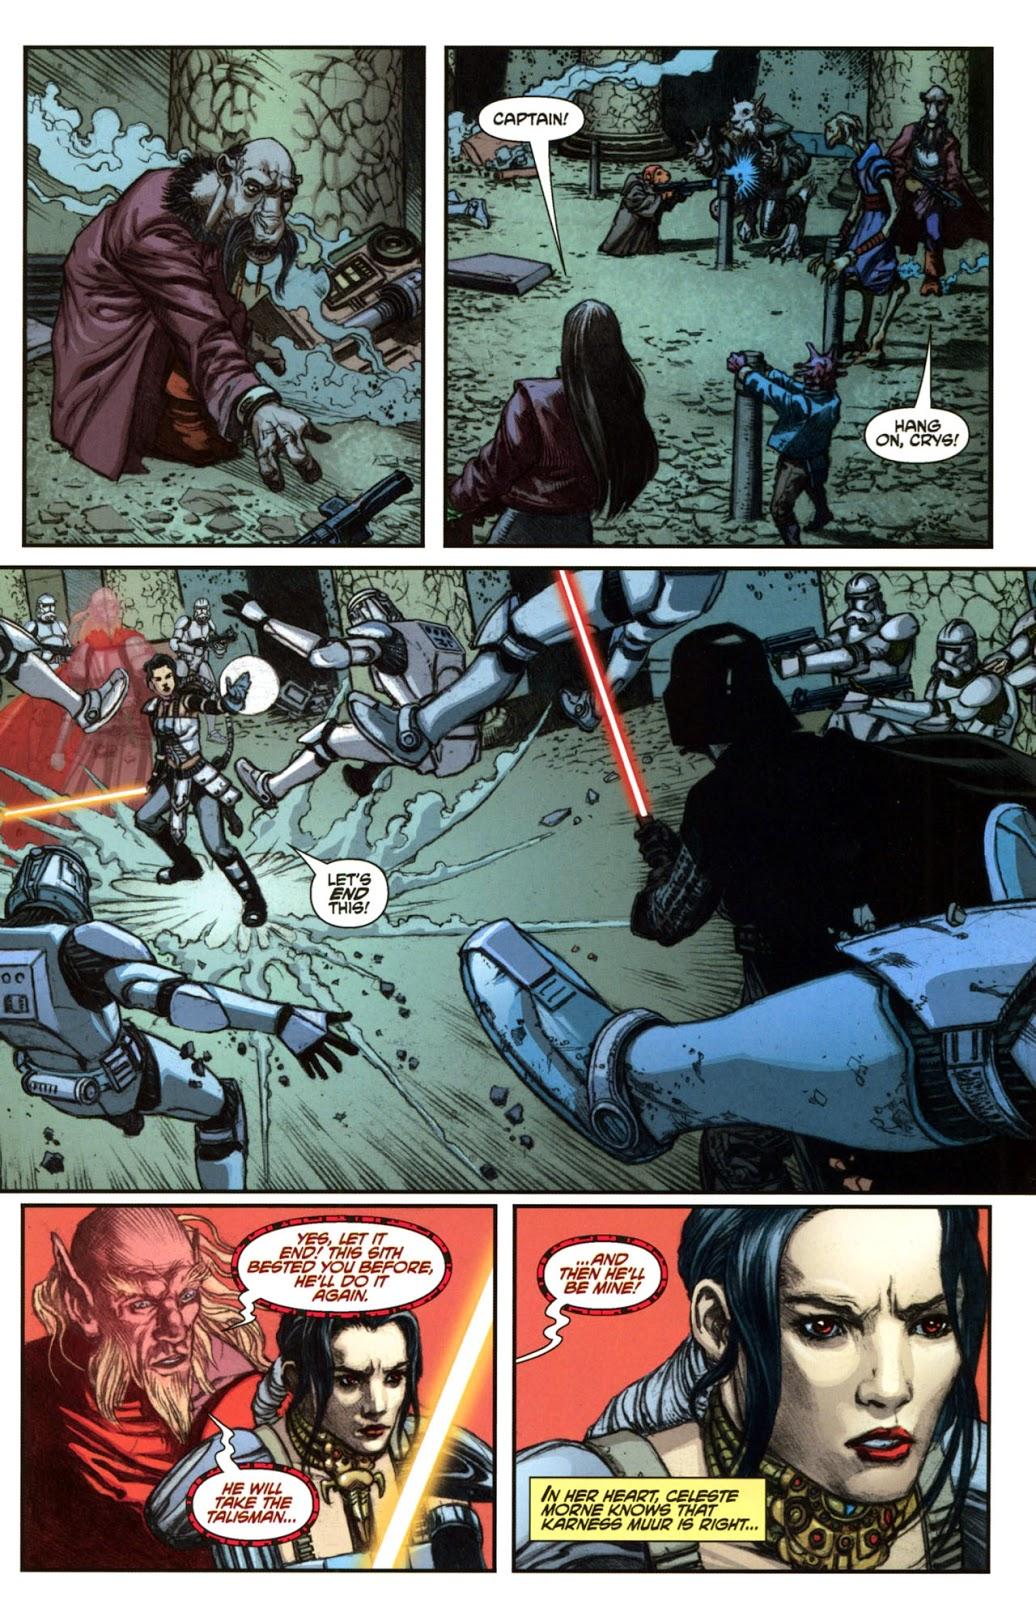 Darth Vader vs A'Sharad Hett - Page 3 1Lb2VG_QD8f4pQUu6g5t7RabhkPfuC81hGjxjHT7-ZN-HDVQlBLeFEGRDeZtgwxHiqP8nks_ZyAxAY9rA1noo6WQI-XGGIOcU00B3JFYXJ4PL7NKiY2e2R_5uhI8iSMgjioggbGm